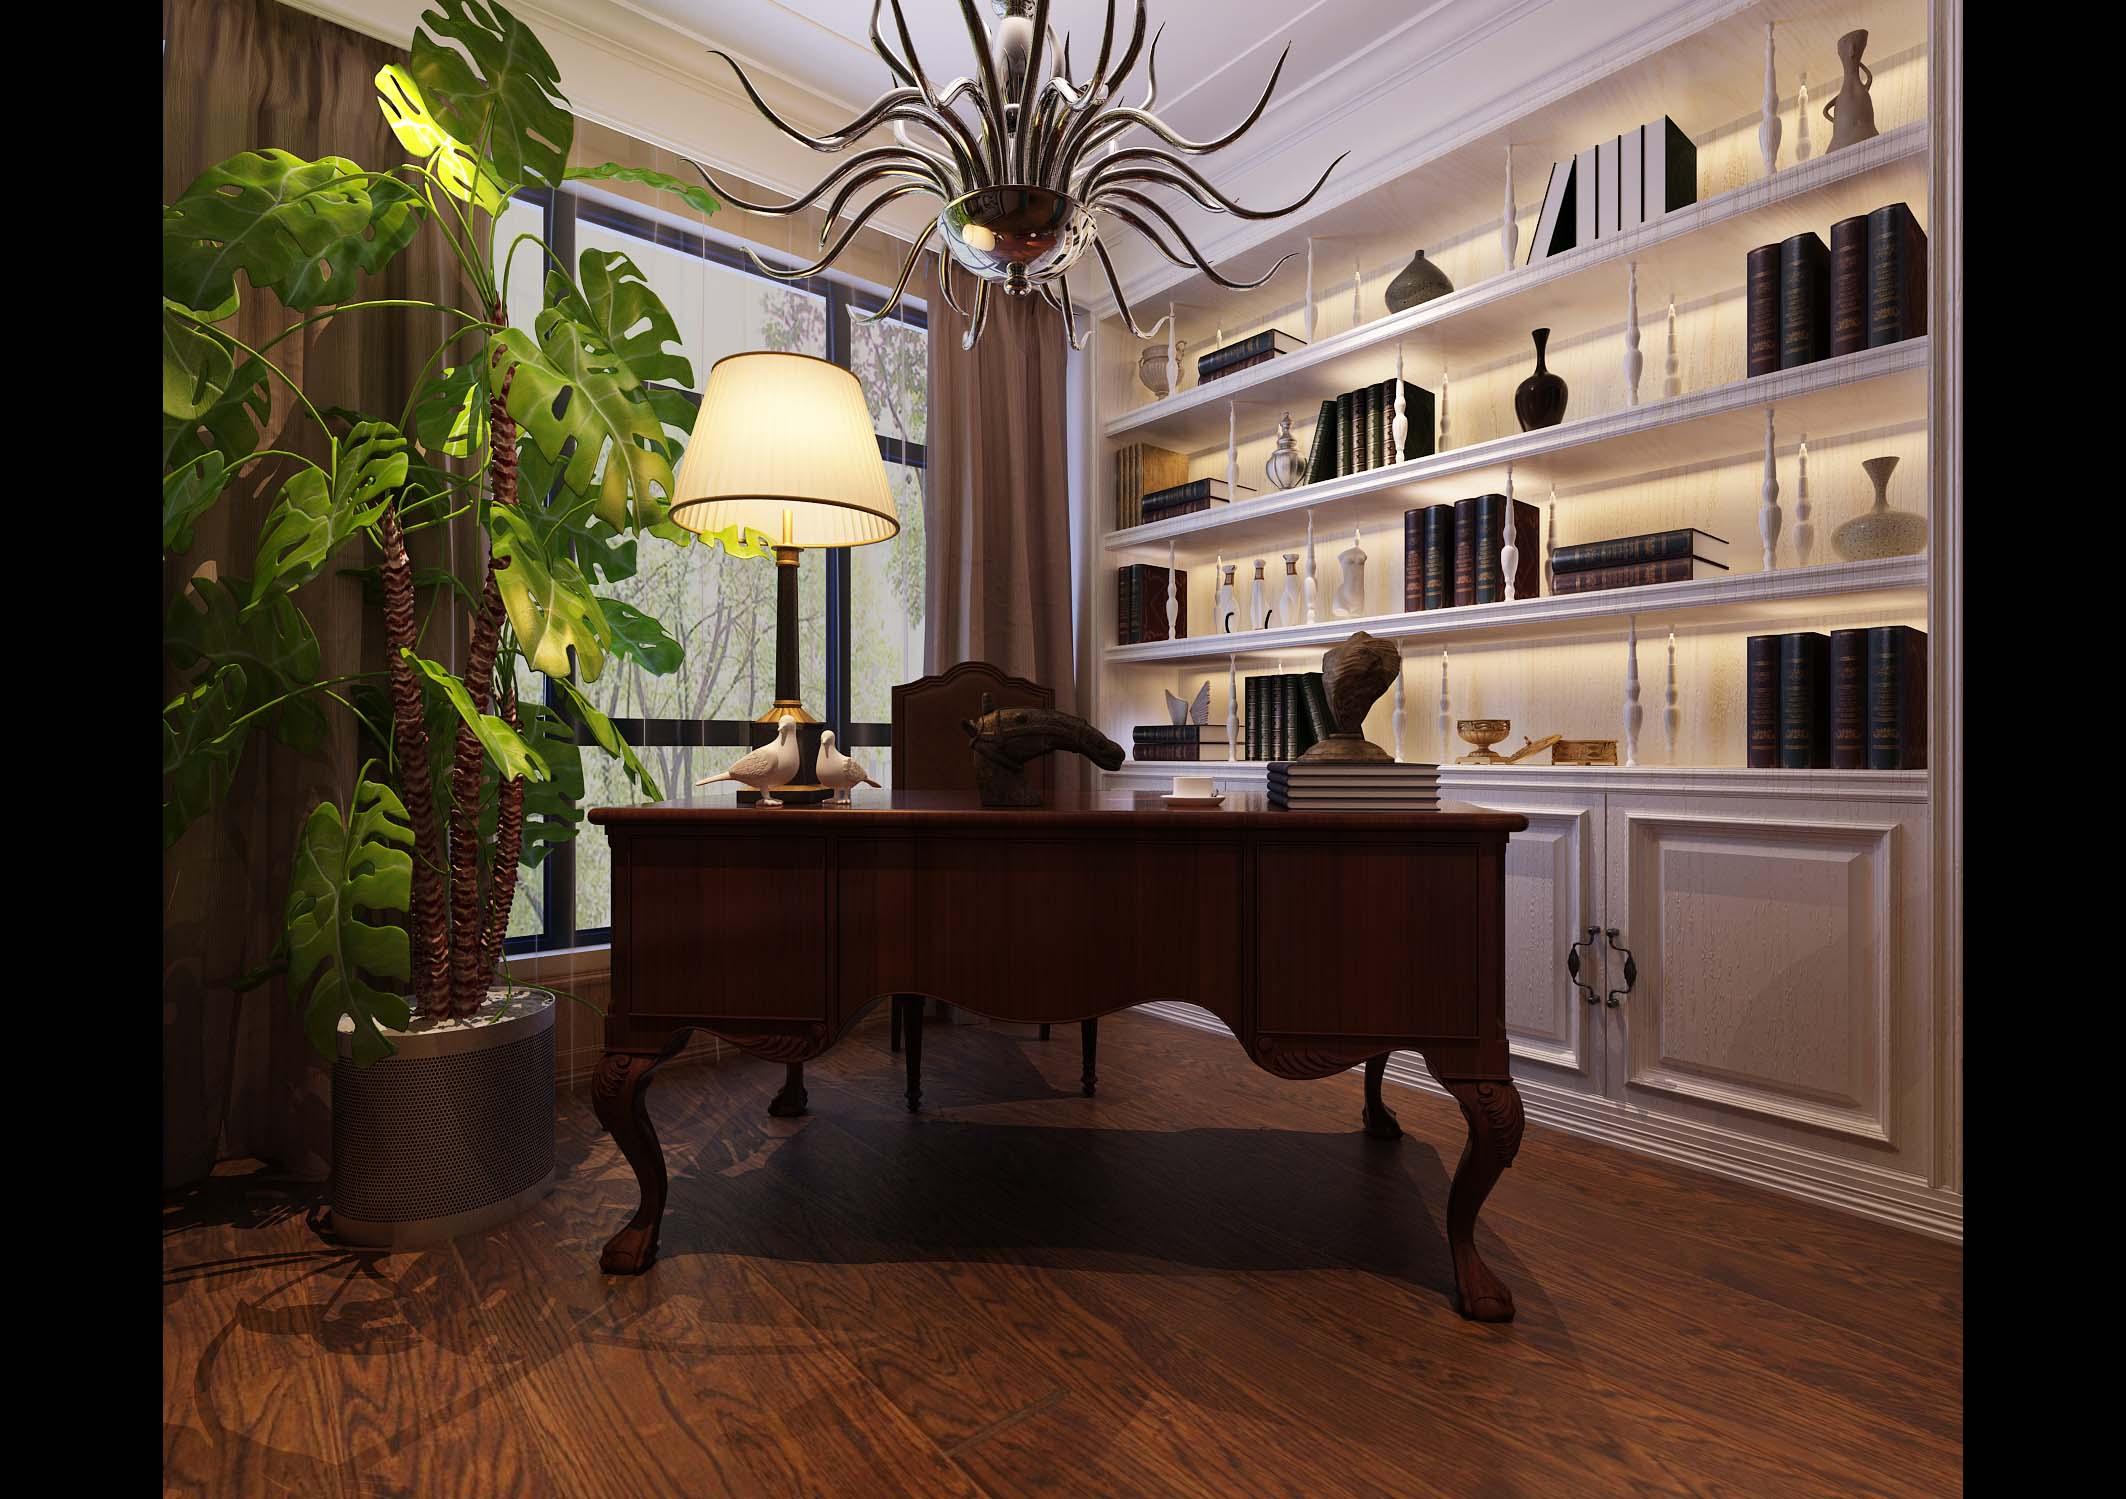 简约 欧式 田园 混搭 二居 三居 别墅 白领 旧房改造 书房图片来自用户1744126412在清水苑复式住宅的分享